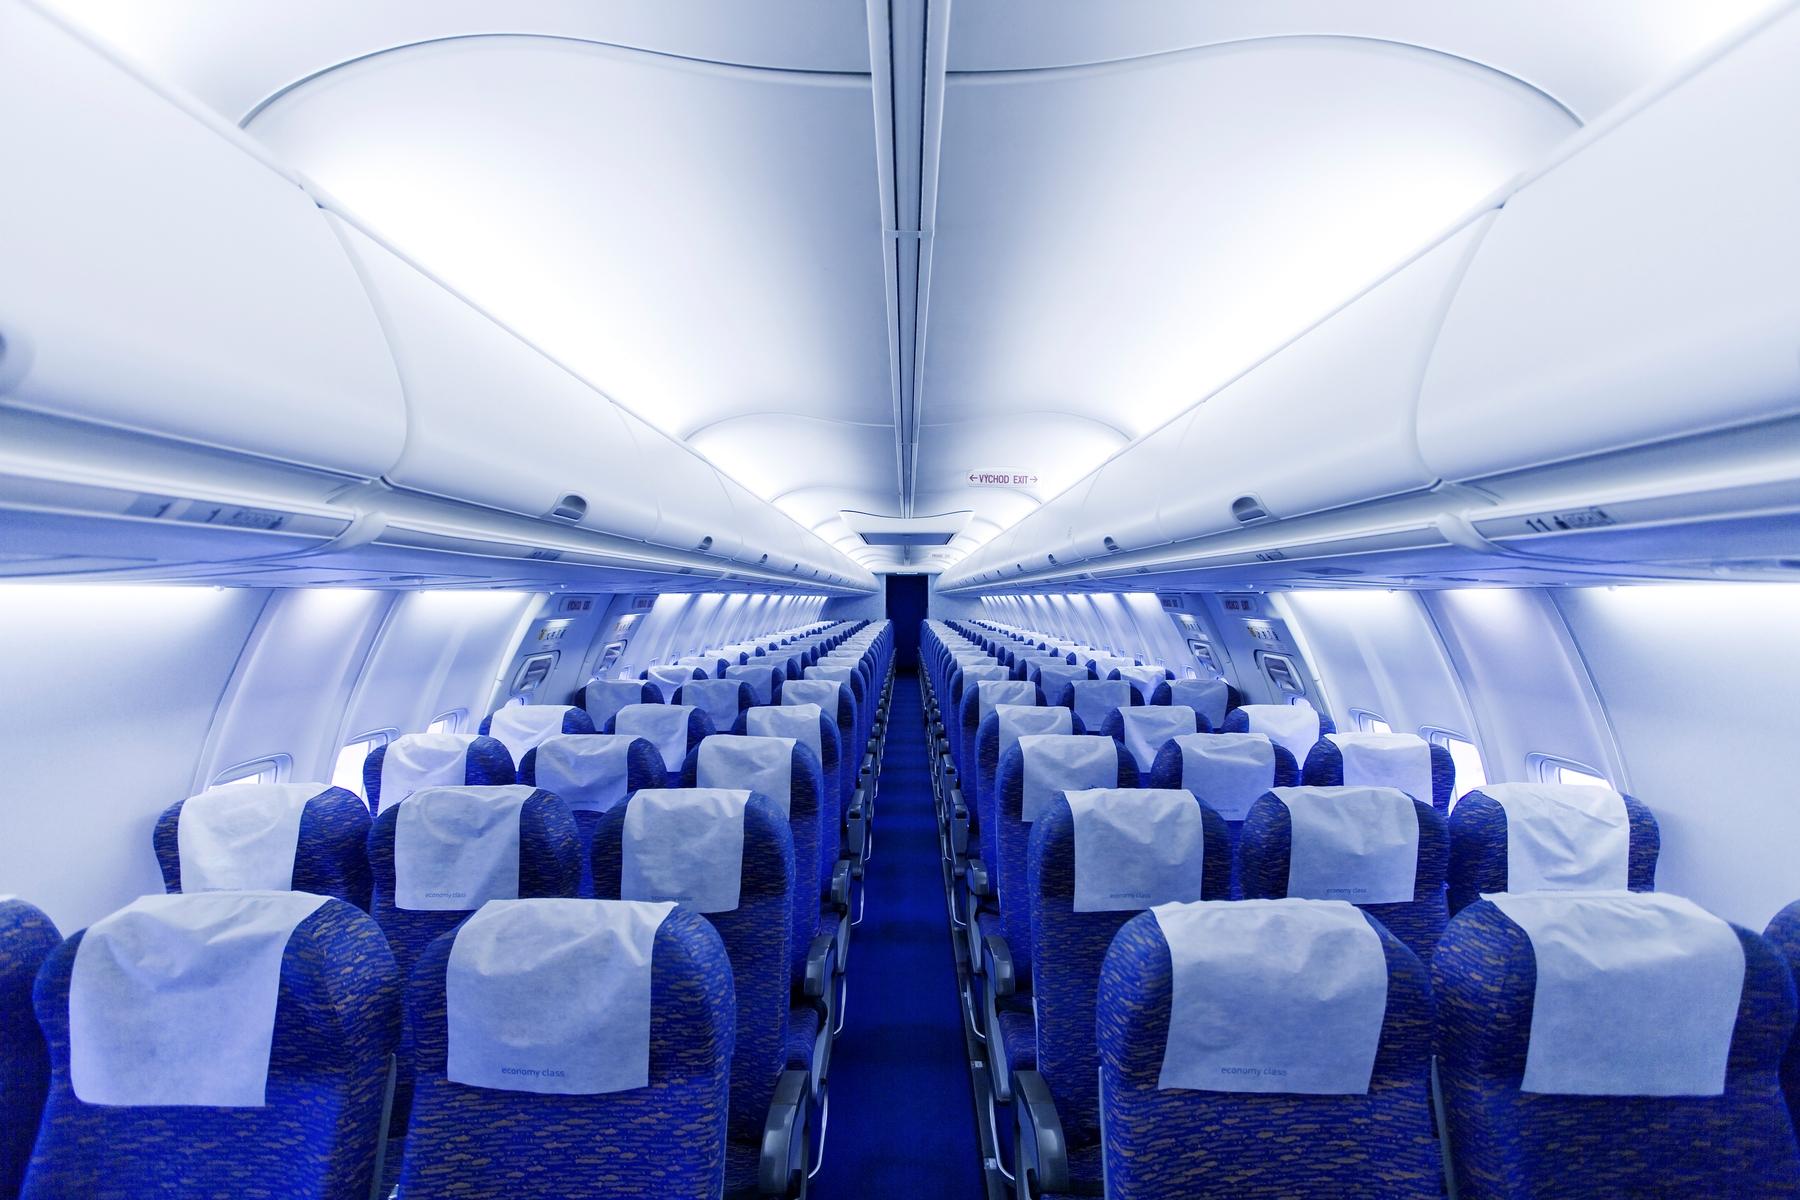 Cumplir con llevar mascarilla y lavarse las manos es necesario para viajar seguro en avión